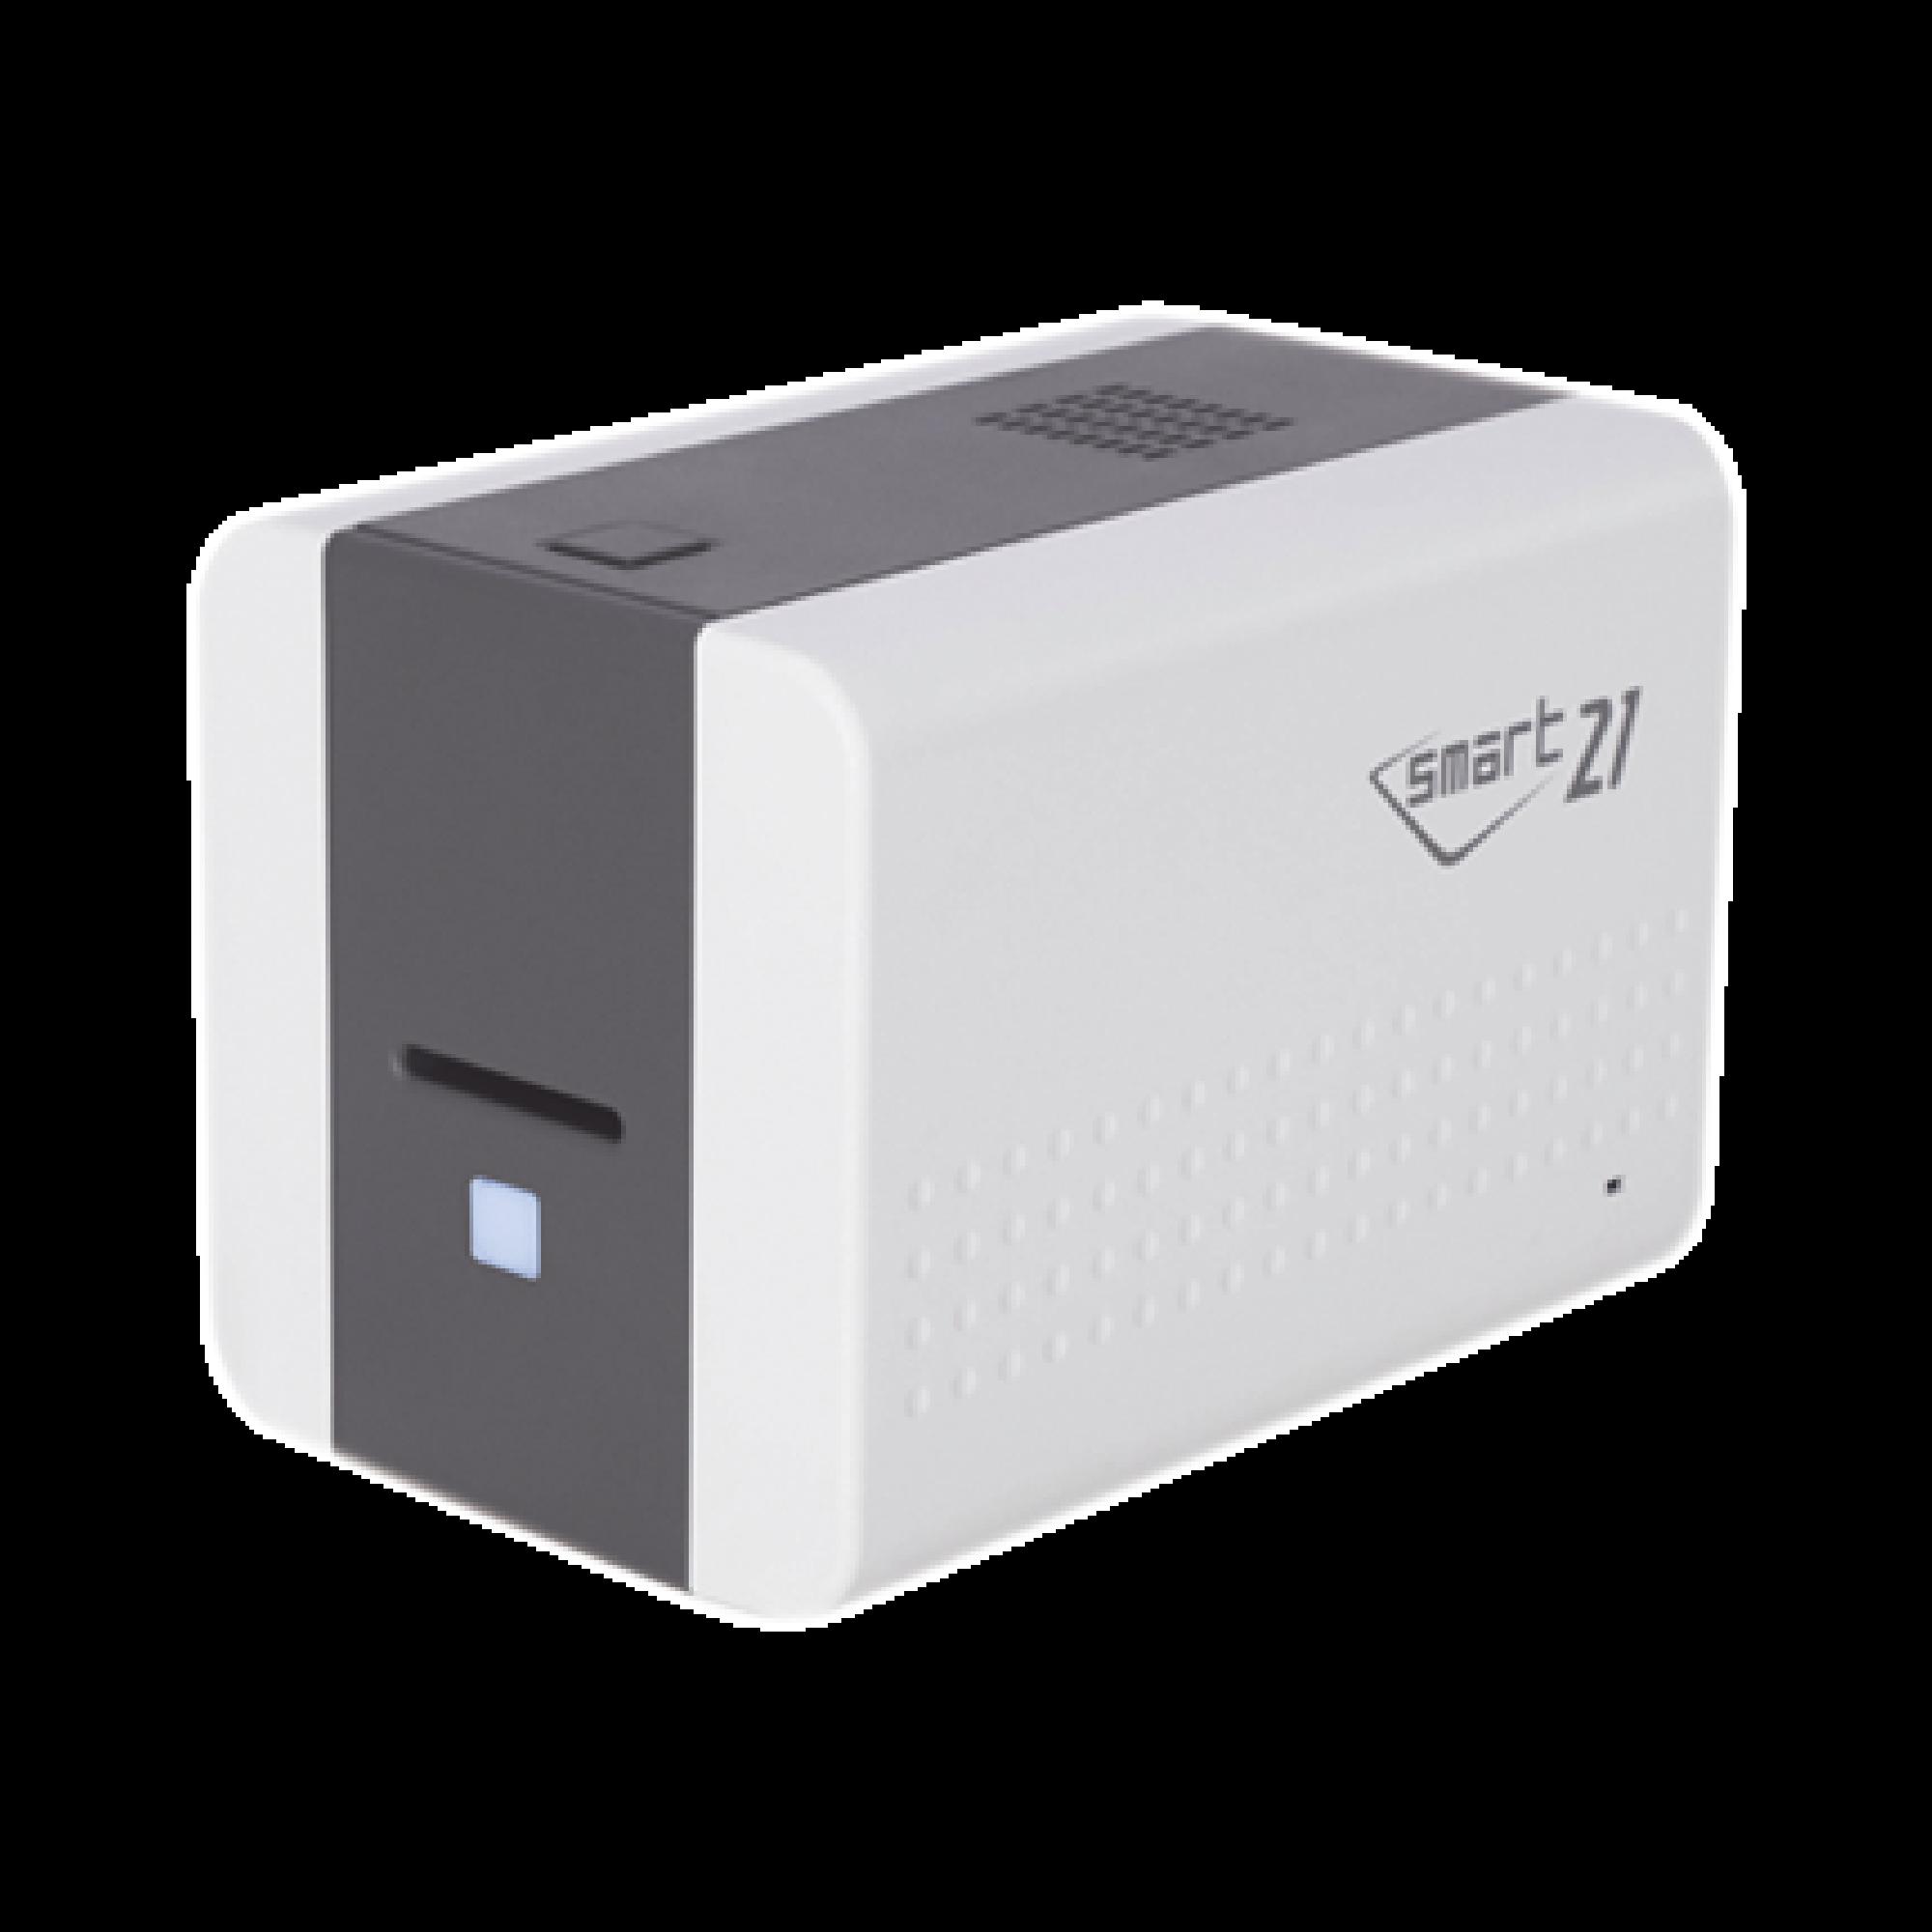 Impresora de Tarjetas Semi- automática SMART21 / Ingreso de Tarjetas Manual/Incluye Ribbon, Software y 100 Tarjetas PVC